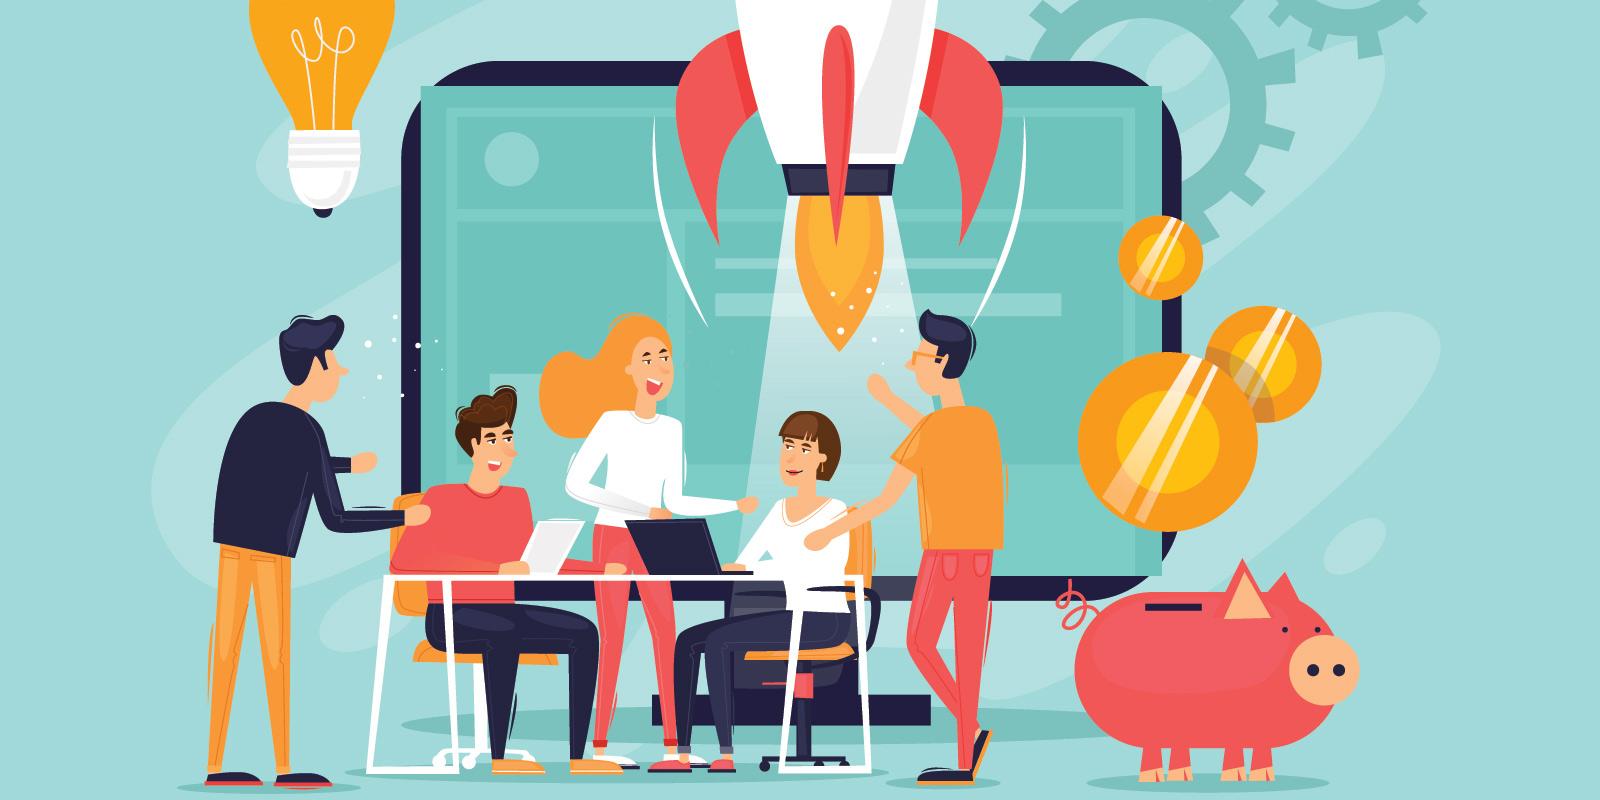 các bước bán hàng thành công cho người hướng nội